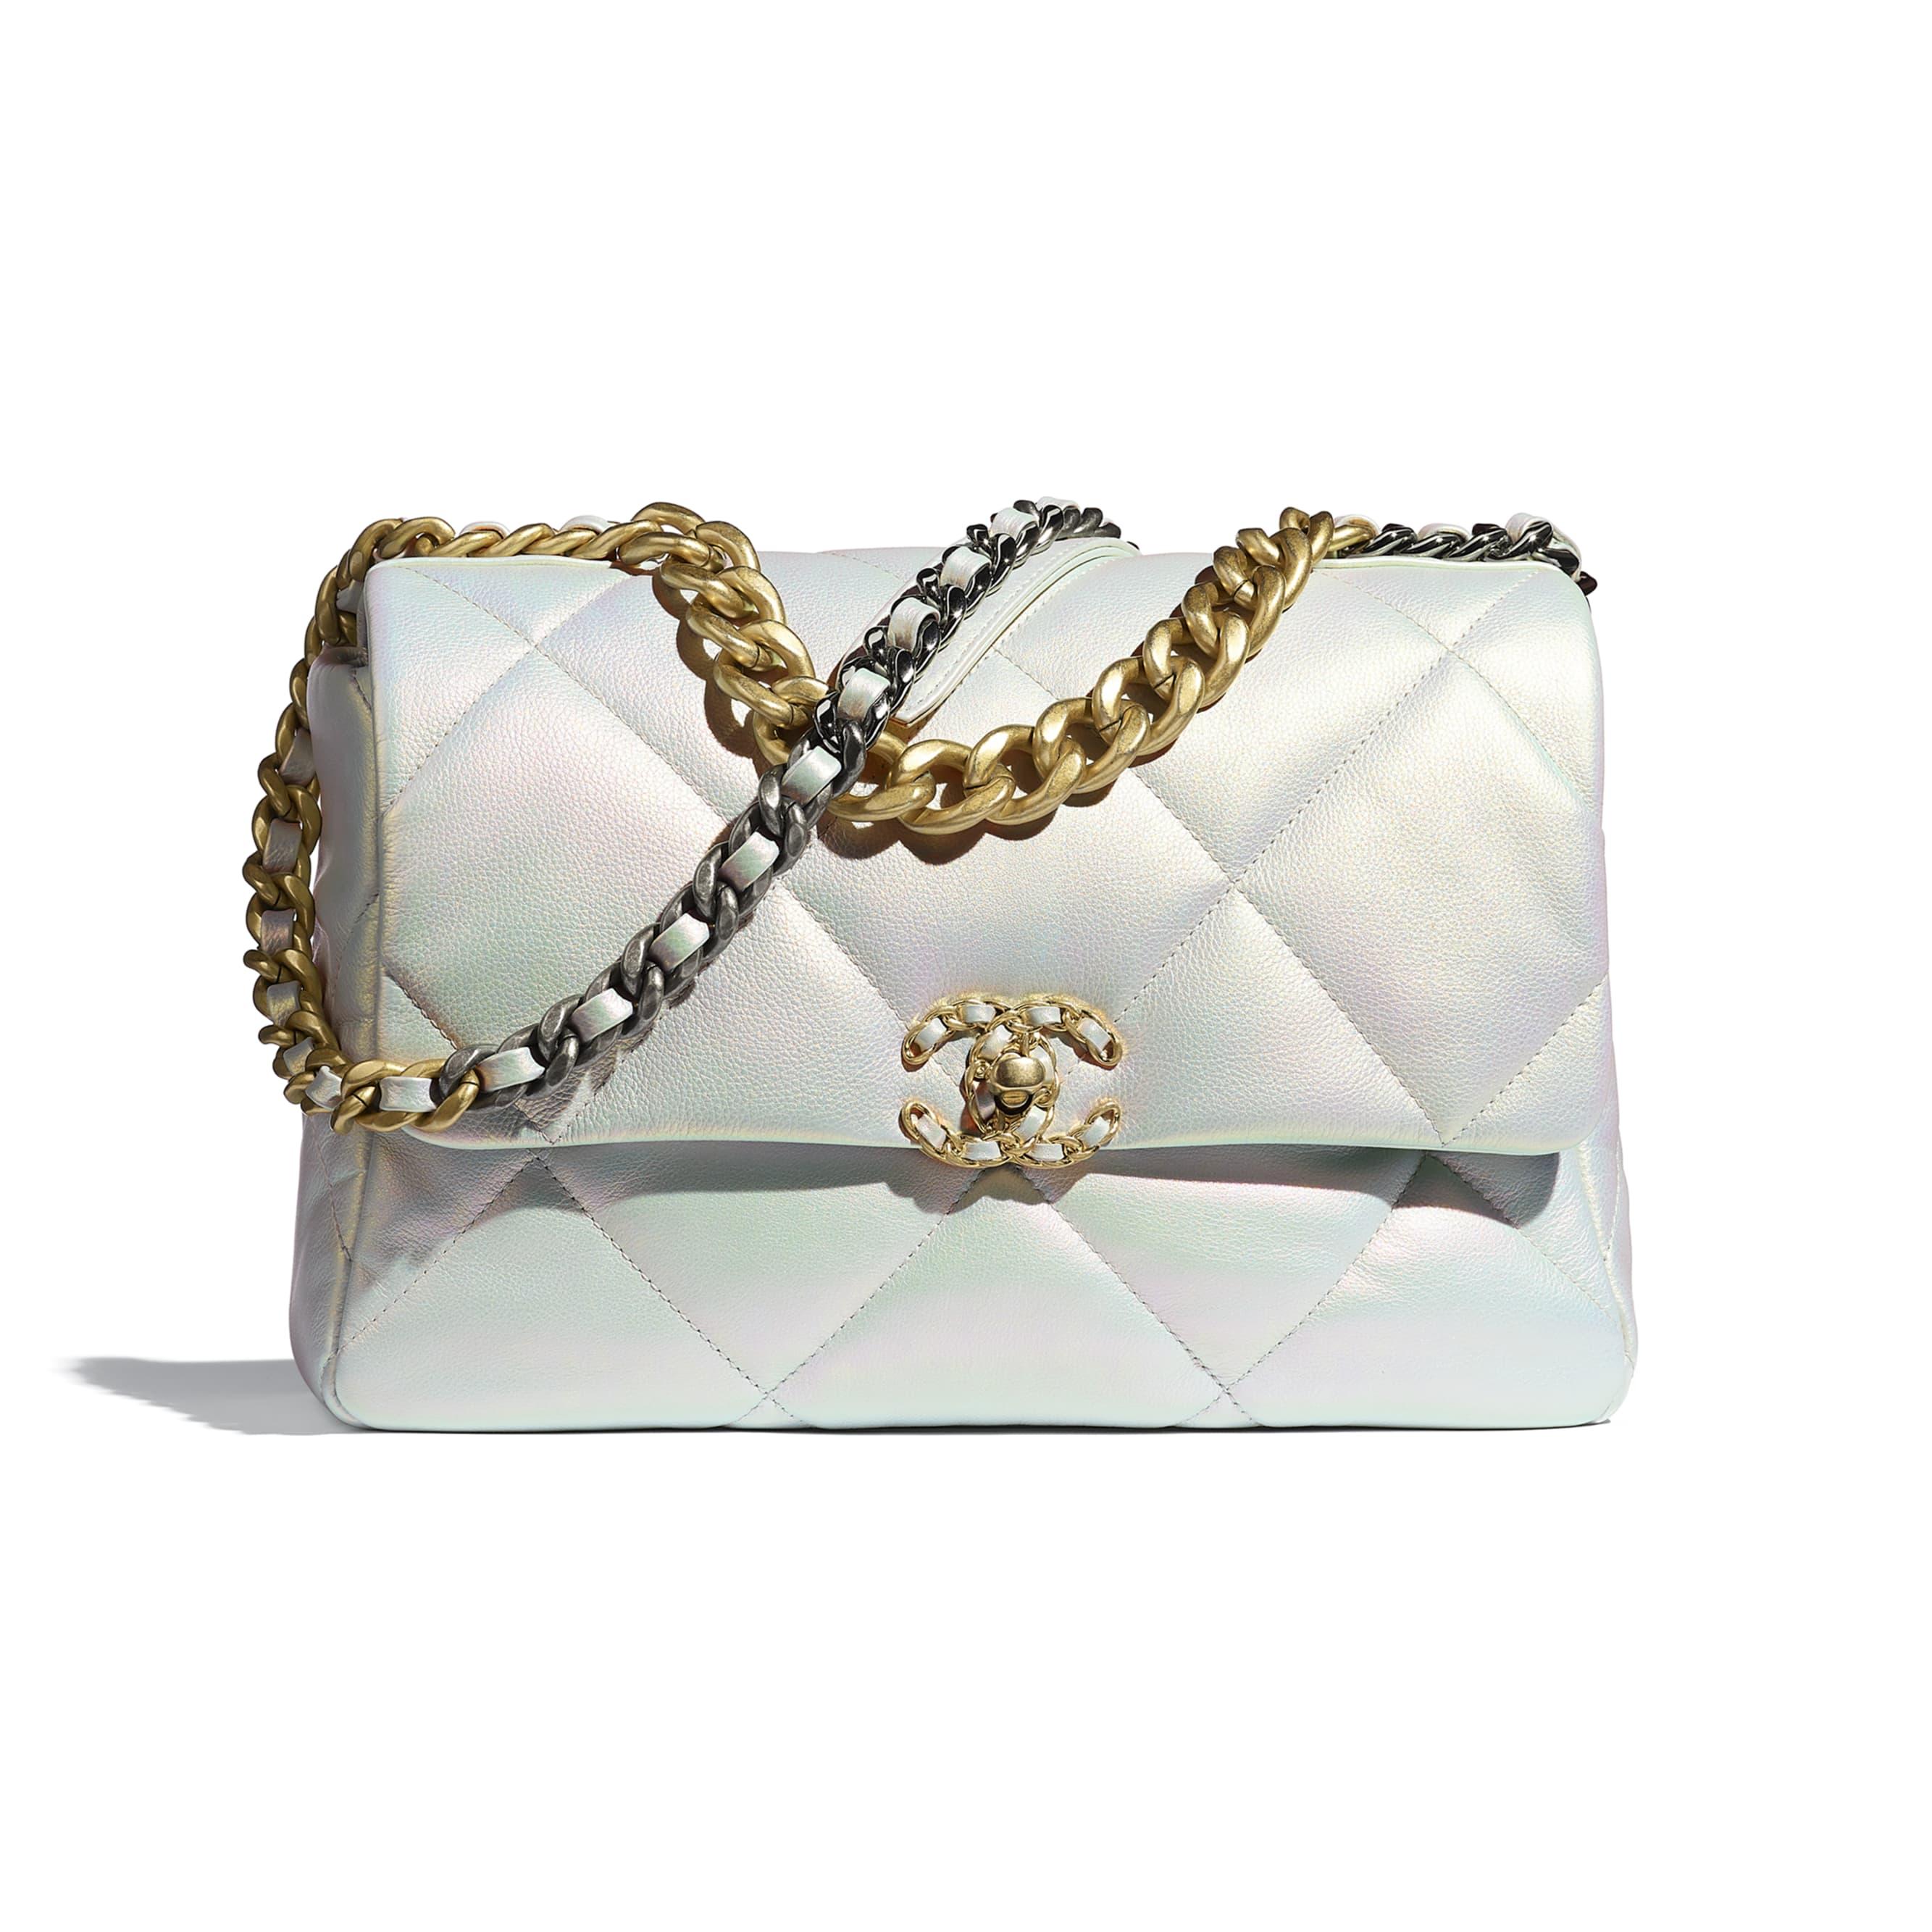 Grand sac à rabat CHANEL 19 - Blanc - Veau irisé, métal doré, argenté & finition ruthénium - CHANEL - Vue par défaut - voir la version taille standard